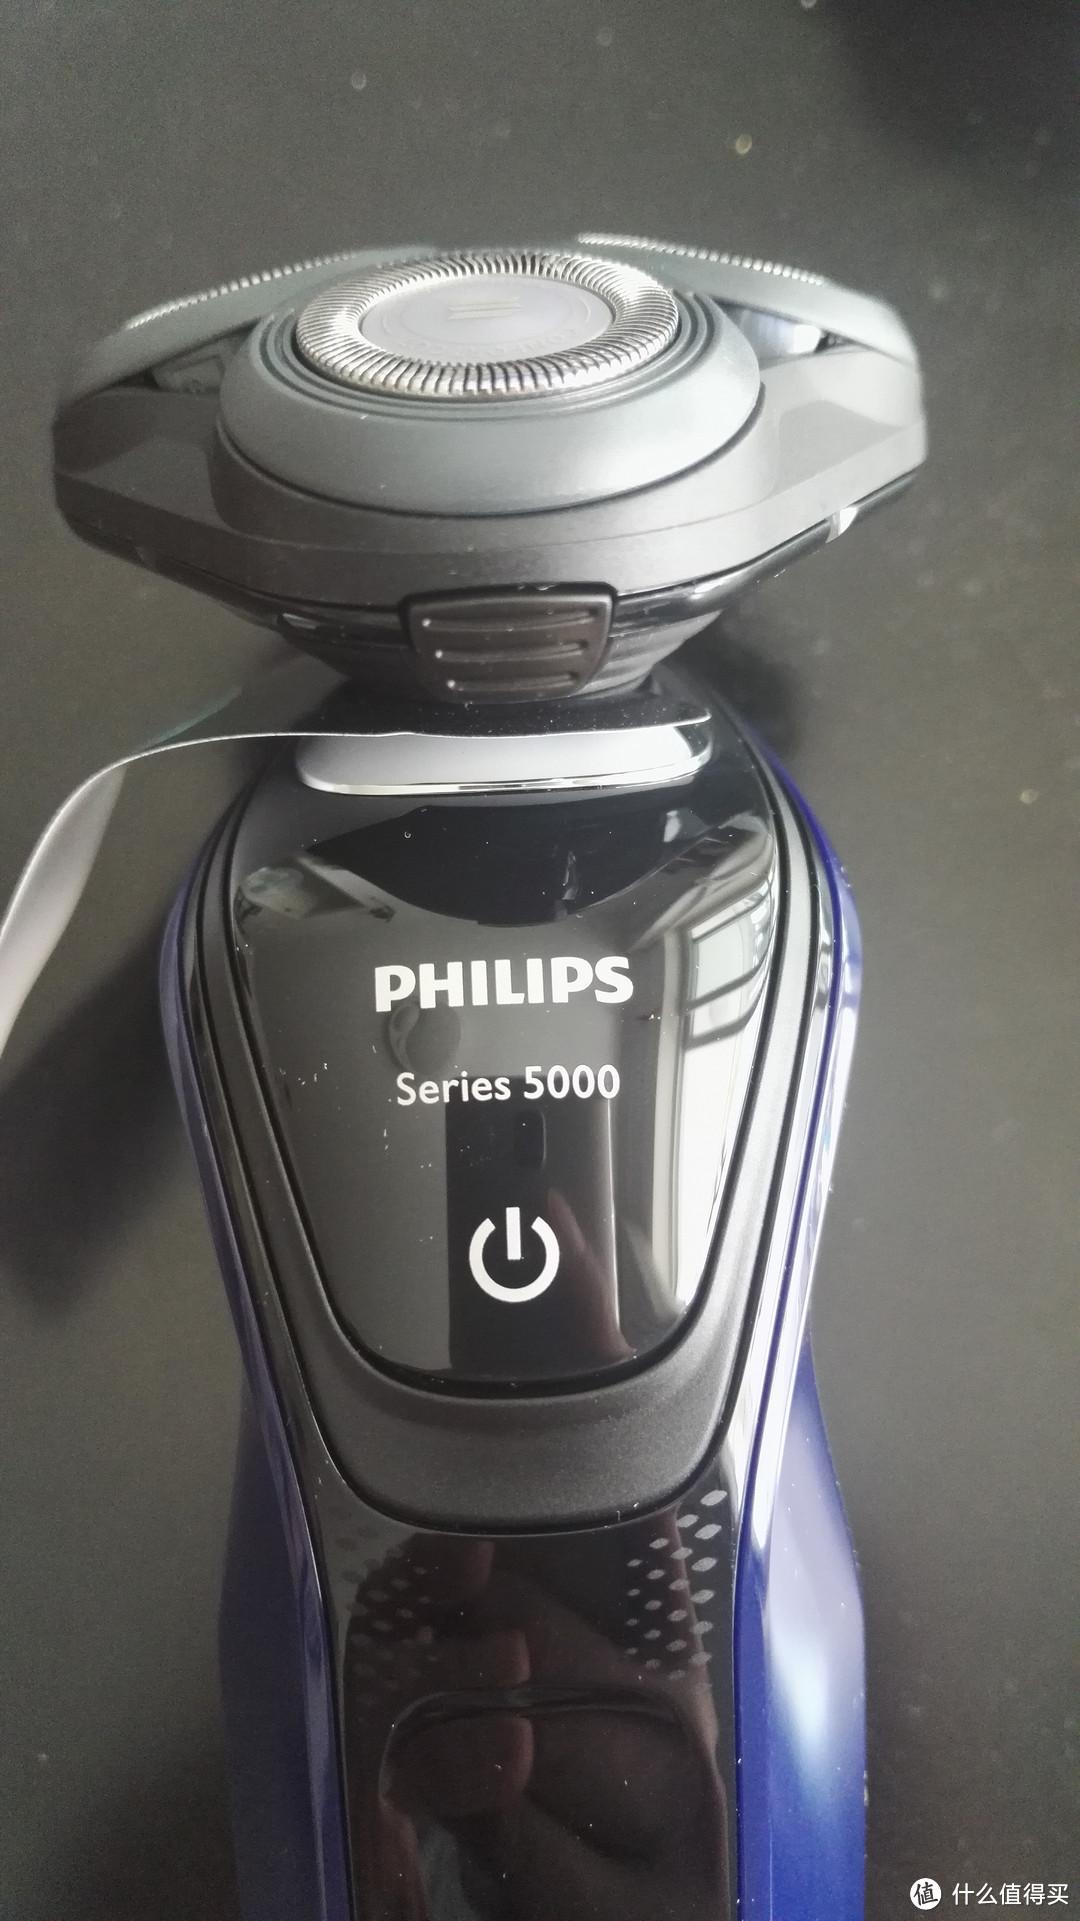 PHILIPS 飞利浦 5000系列  剃须刀开箱及使用感受